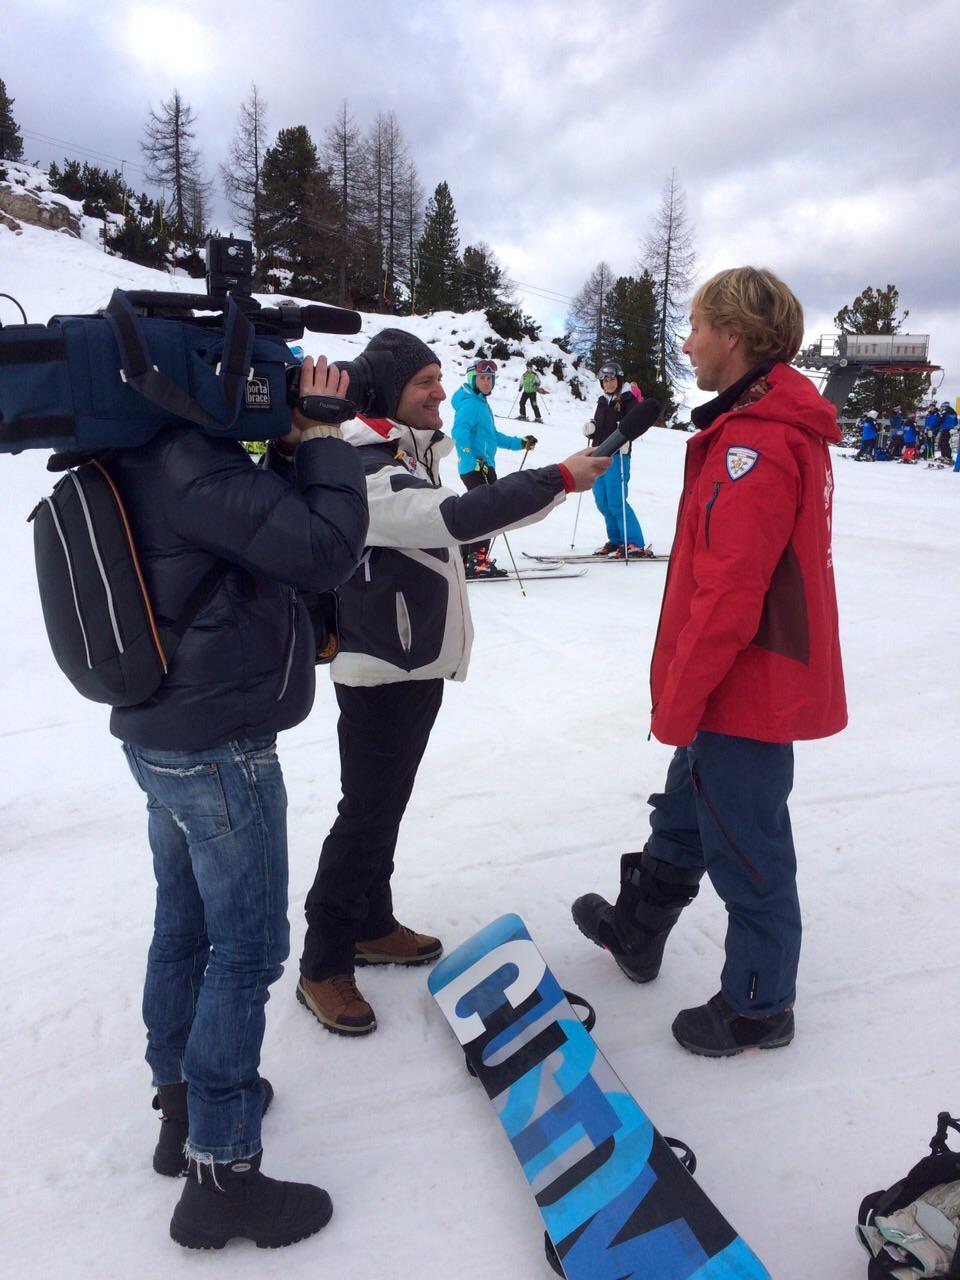 Boarderline_cortina_d_ampezzo_snowboard_scuola_snowboard_noleggio_apertura_faloria_cortinacube1